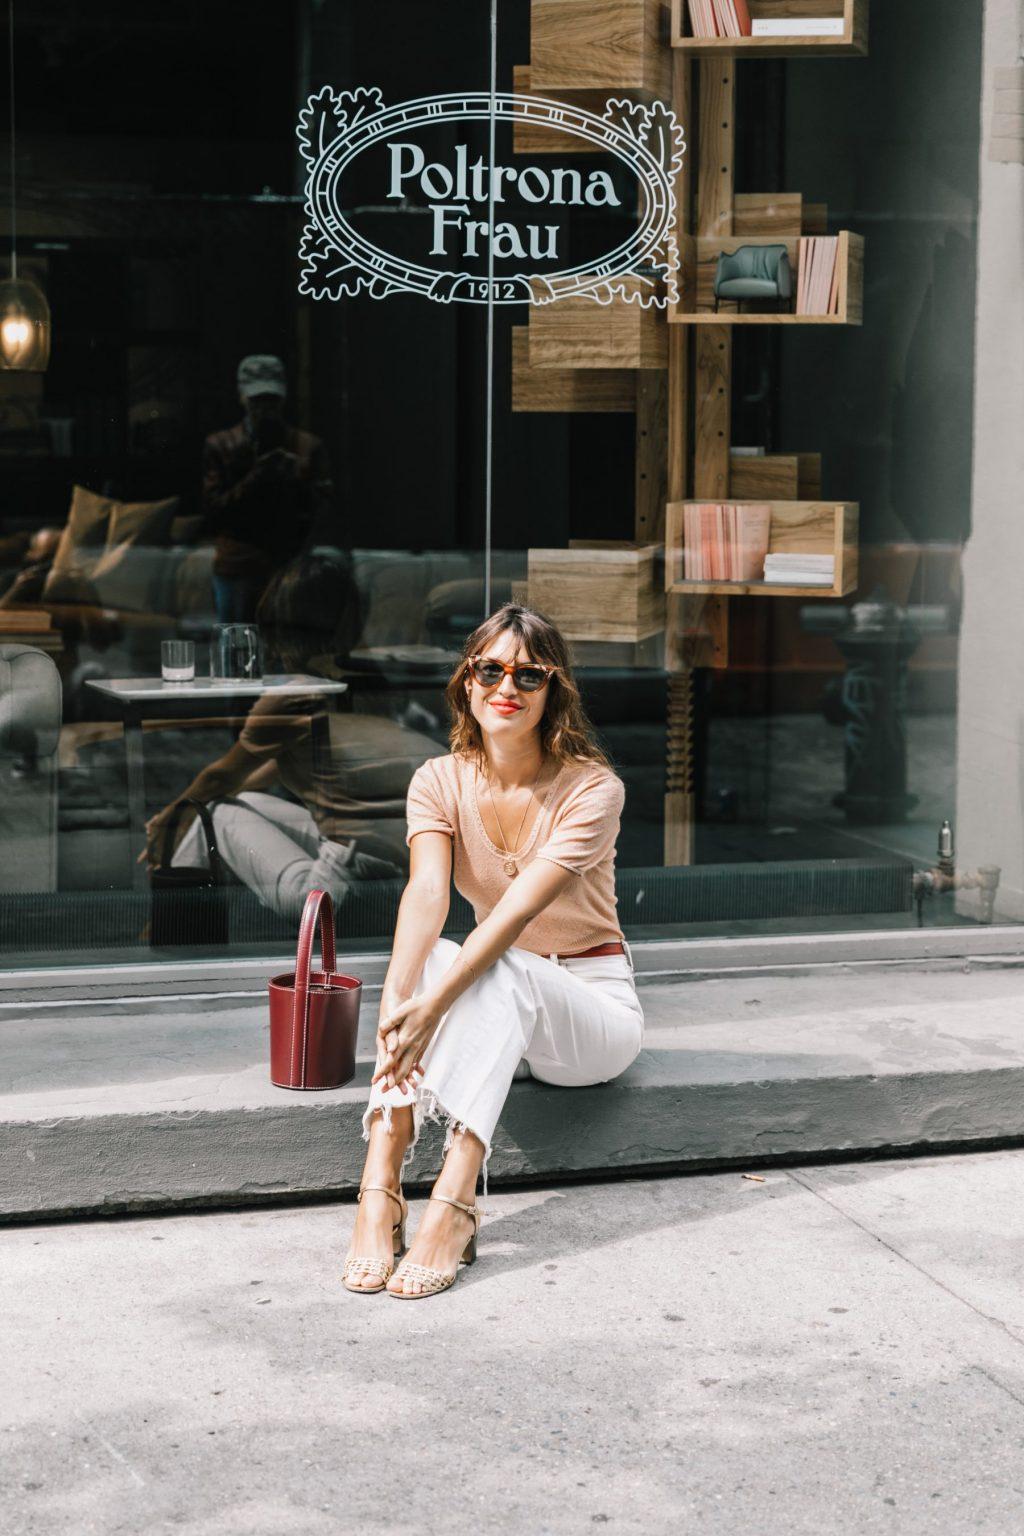 phong cách thời trang jeanne damas quần jeans trắng và áo màu be